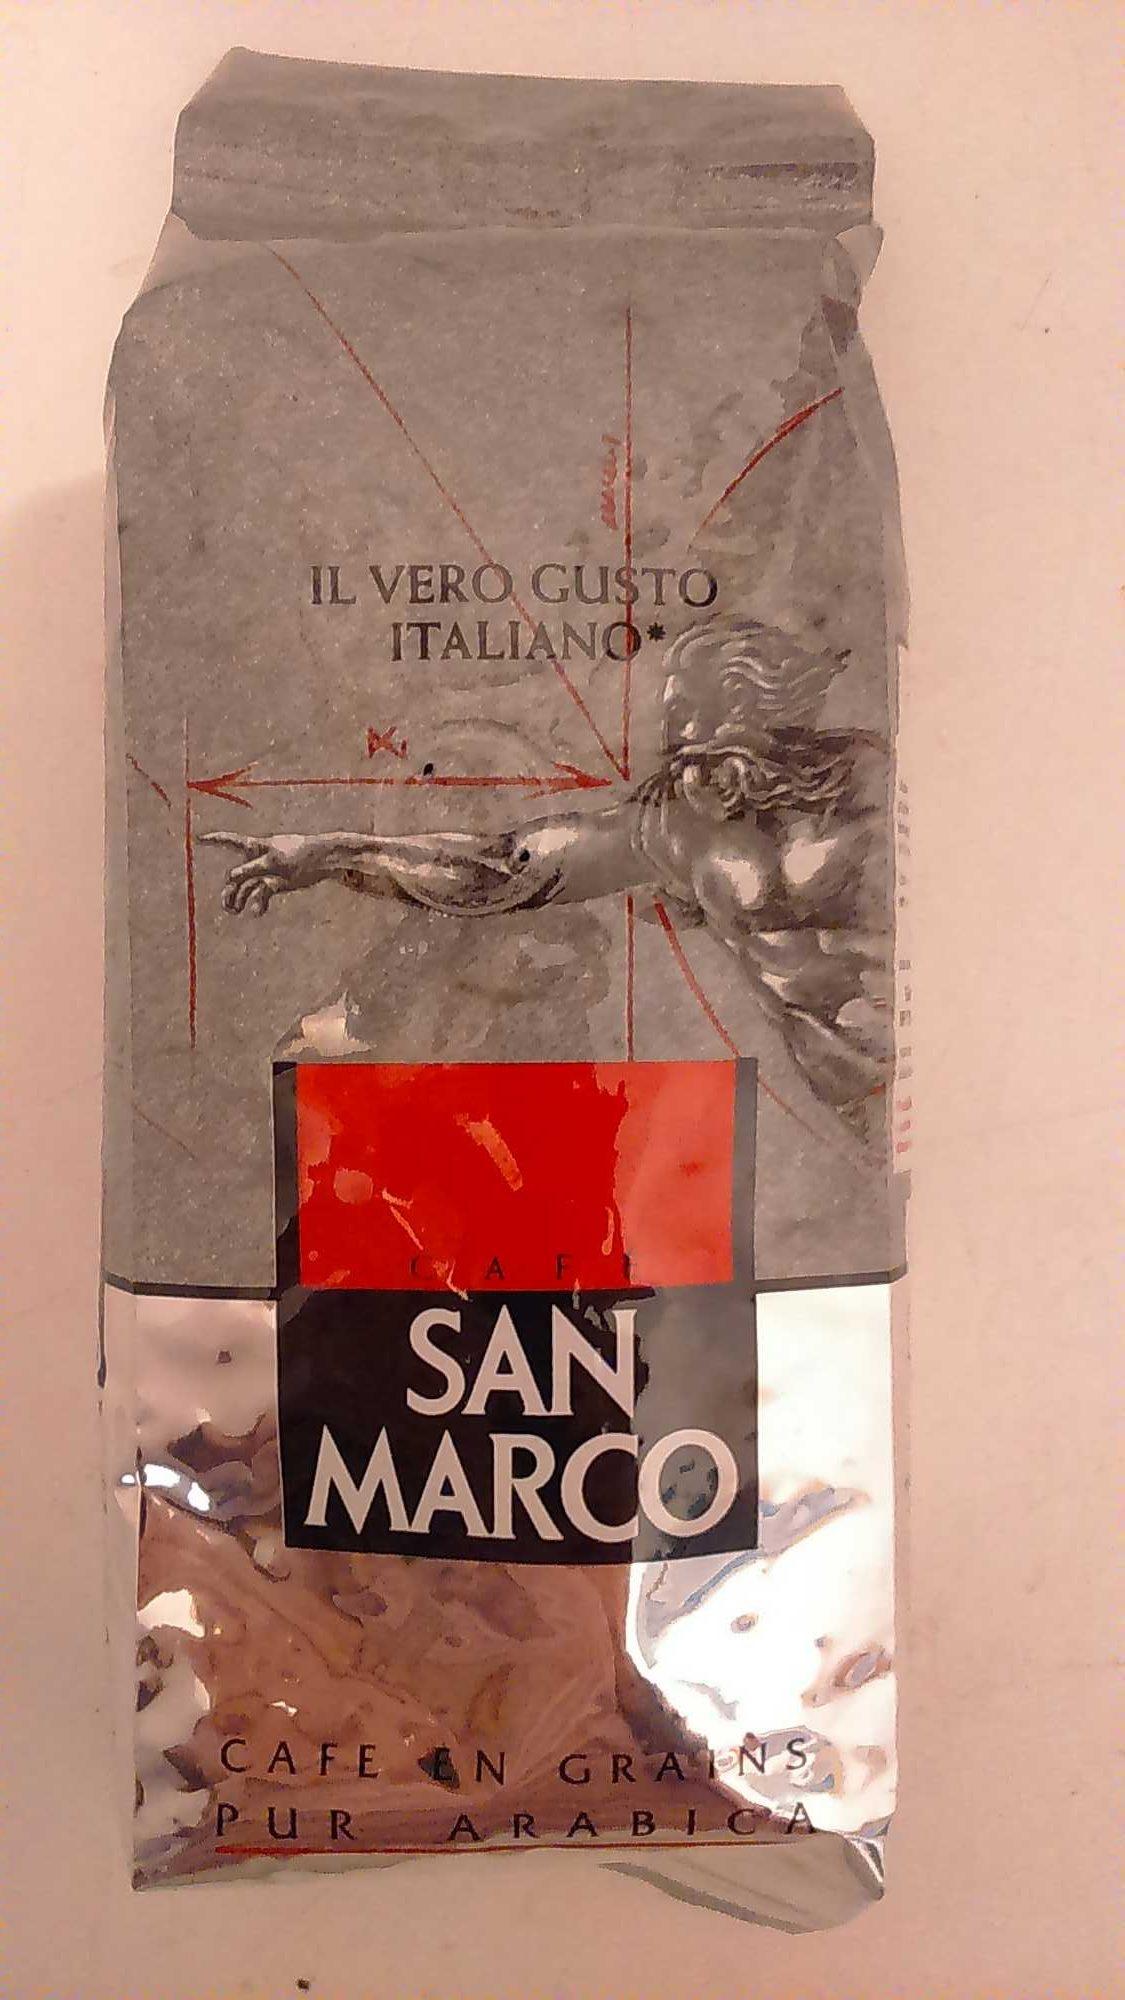 Café en grains pur arabica - Product